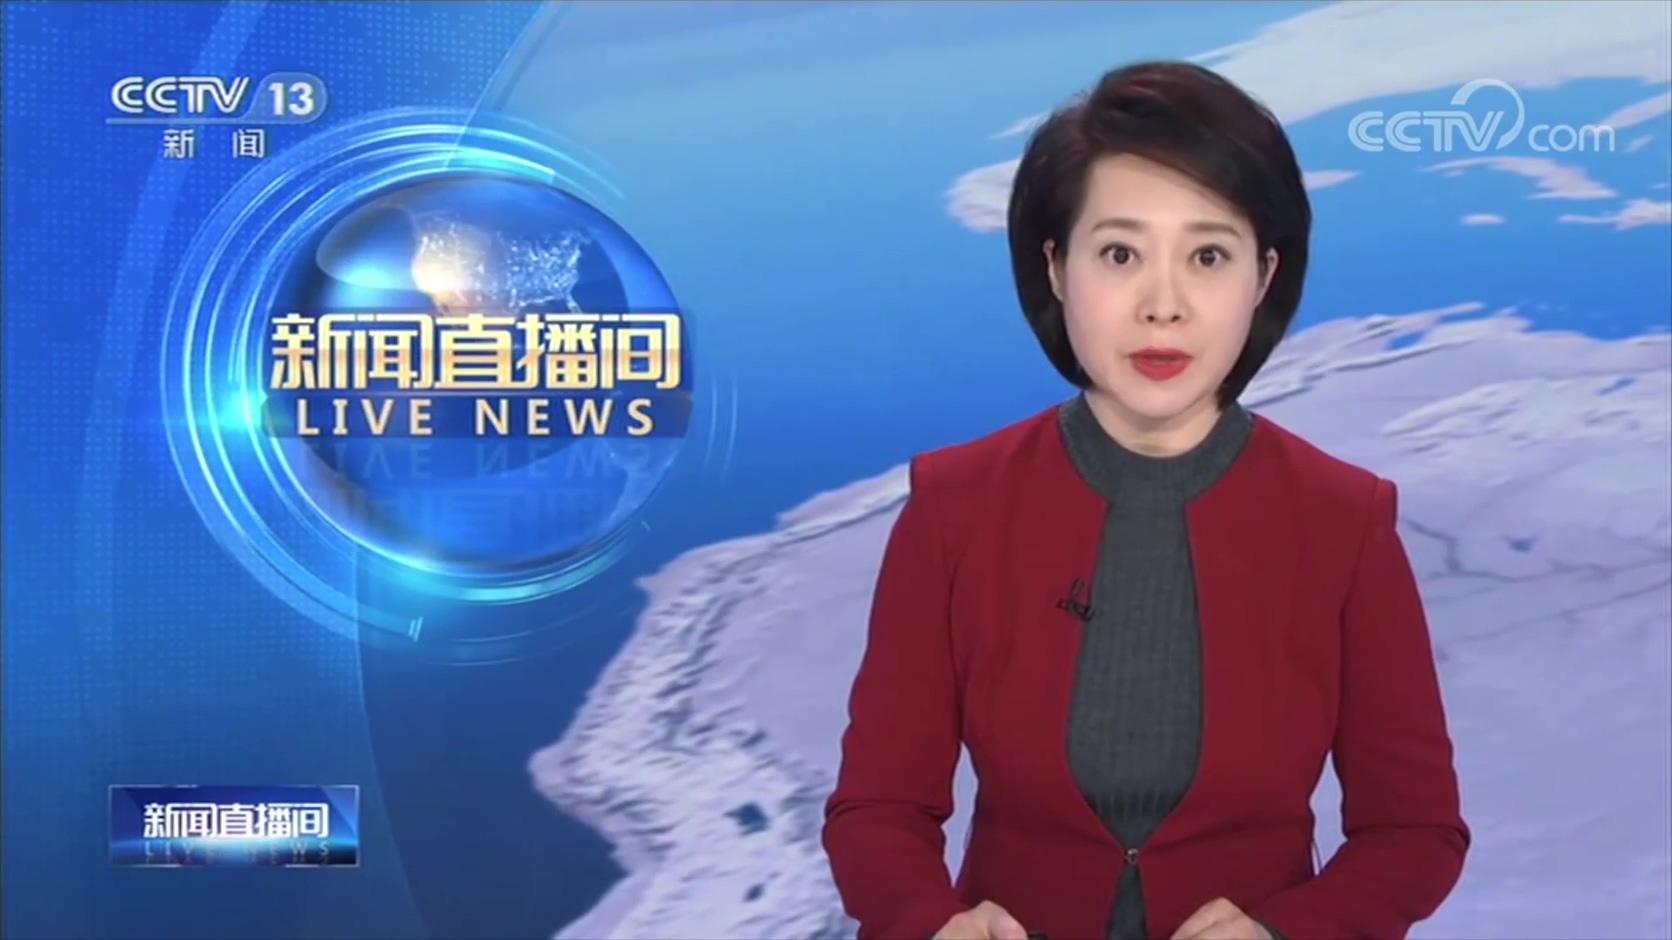 武汉疫情各种新闻报道视频素材